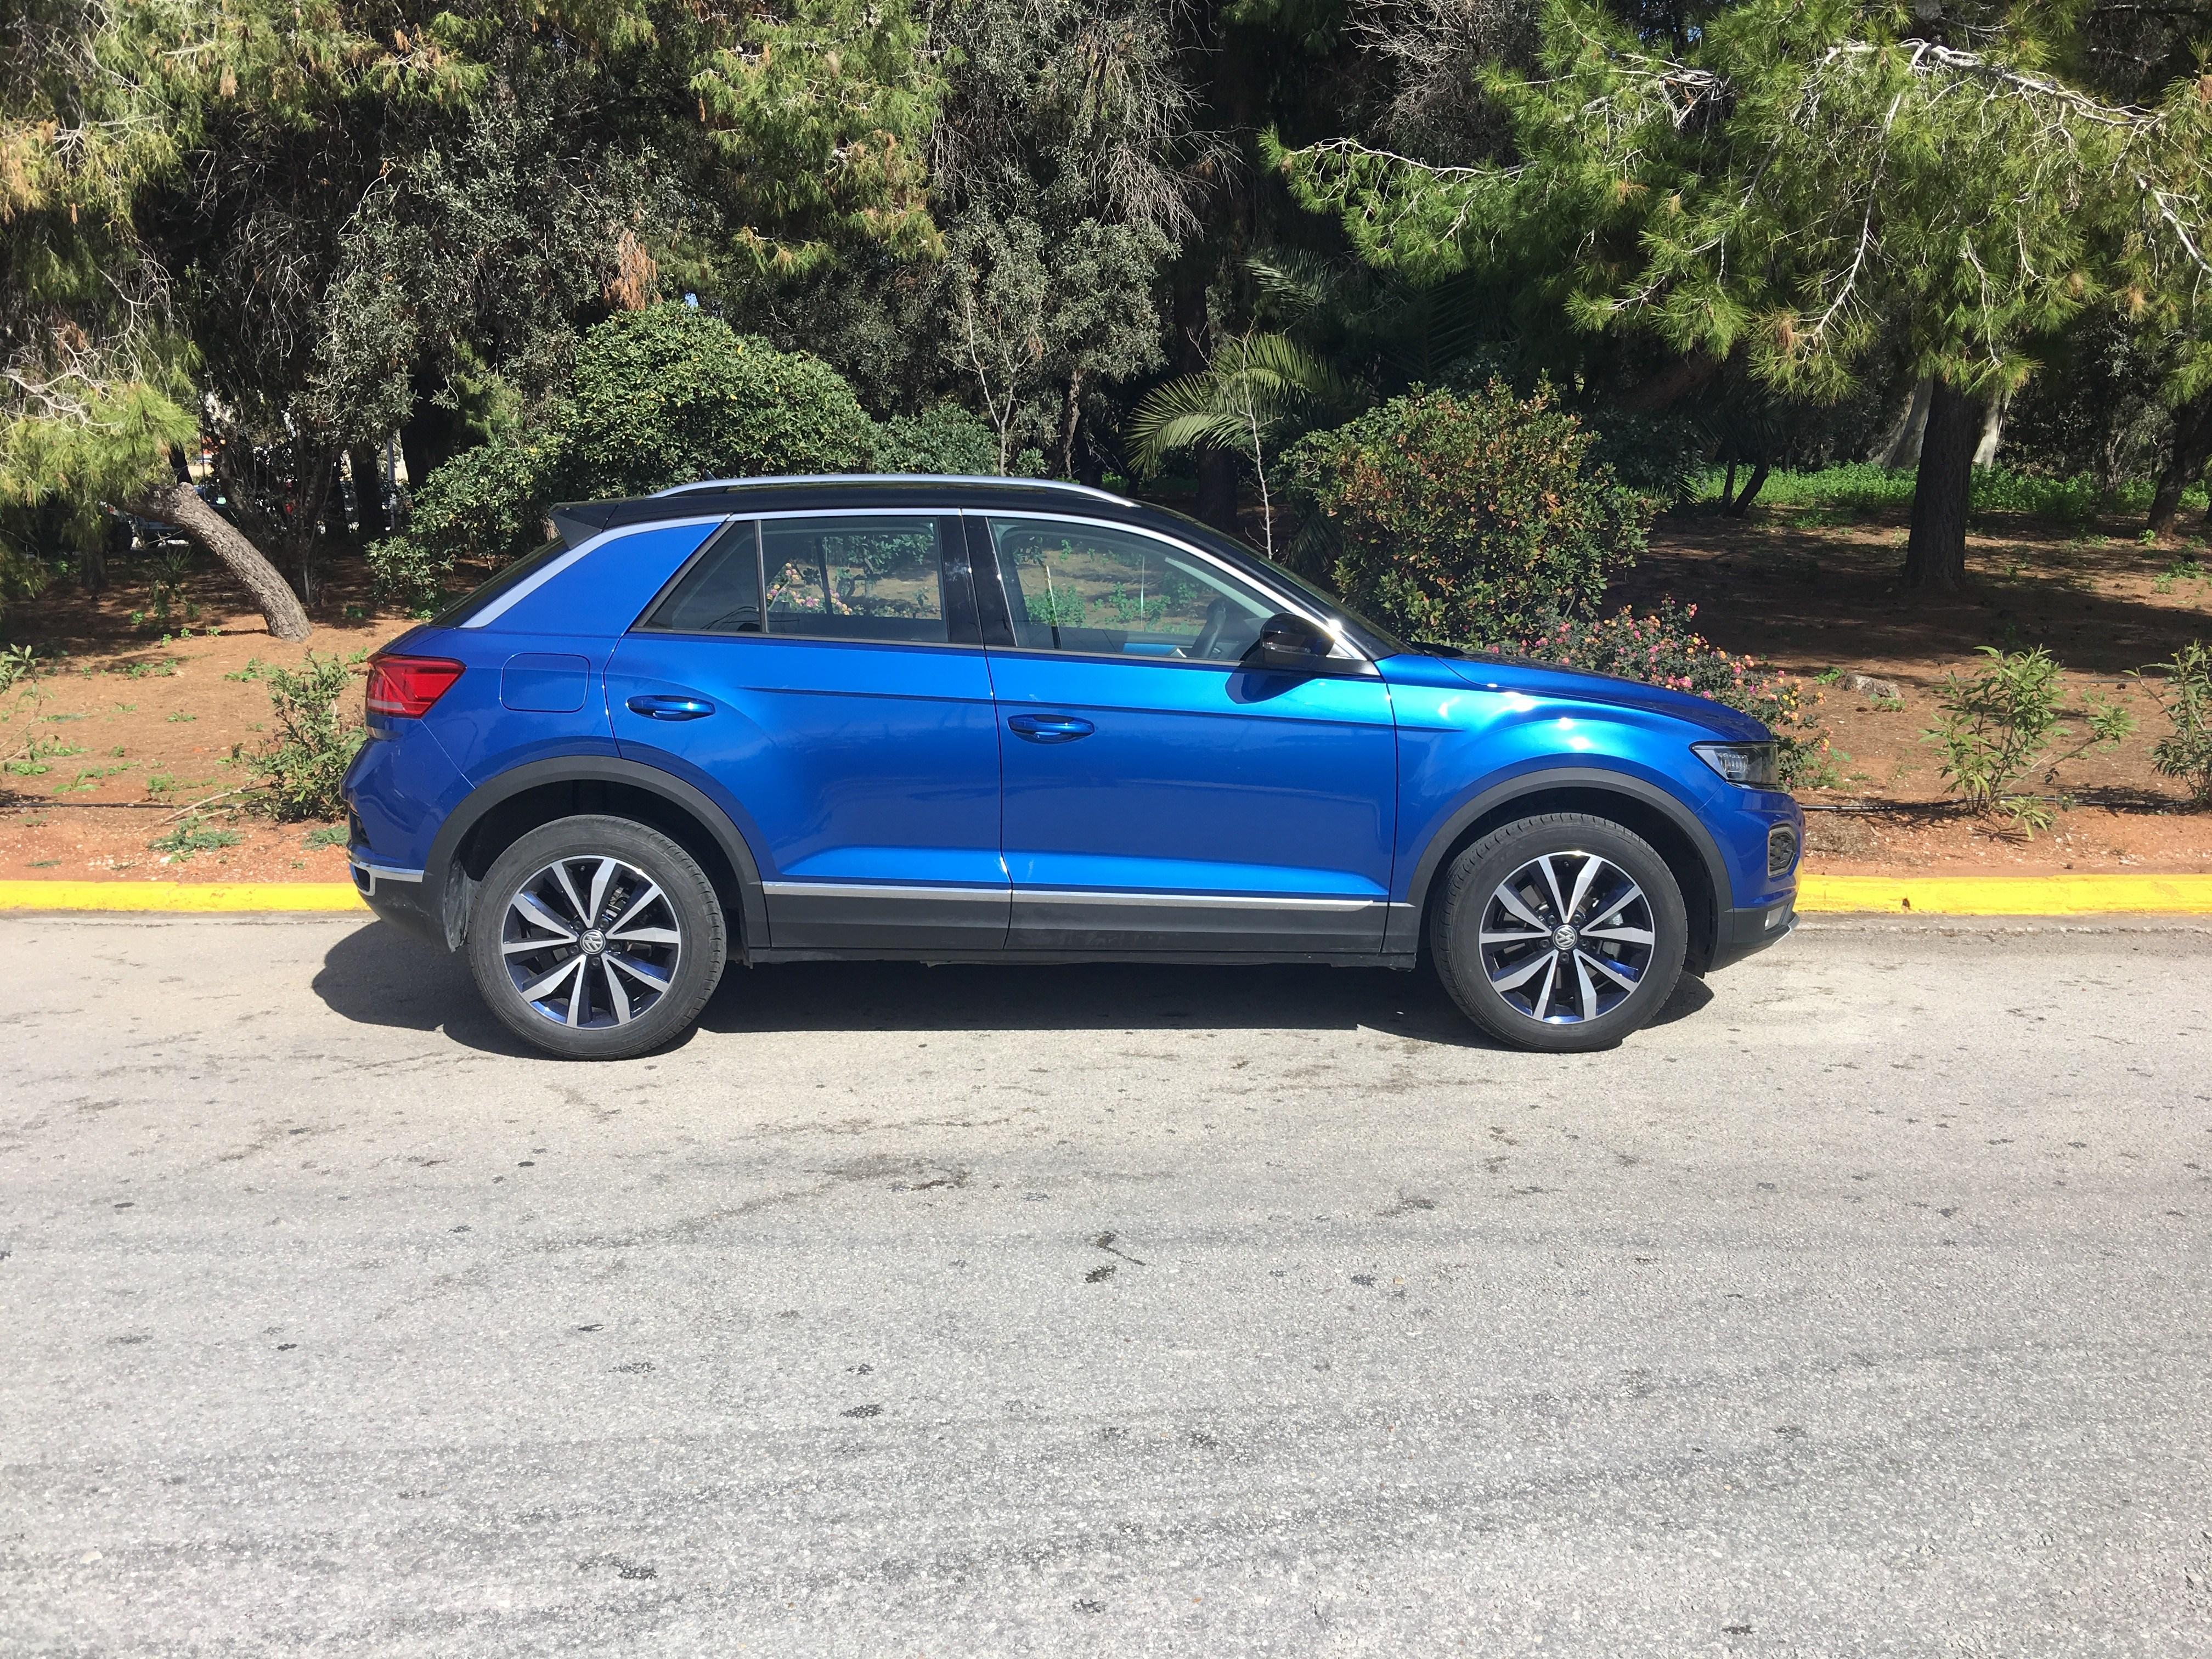 Για σοβαρευτείτε λίγο εκεί στην VW – Σταματήστε να «παίζετε» με τα μονοξείδια και τις τιμές